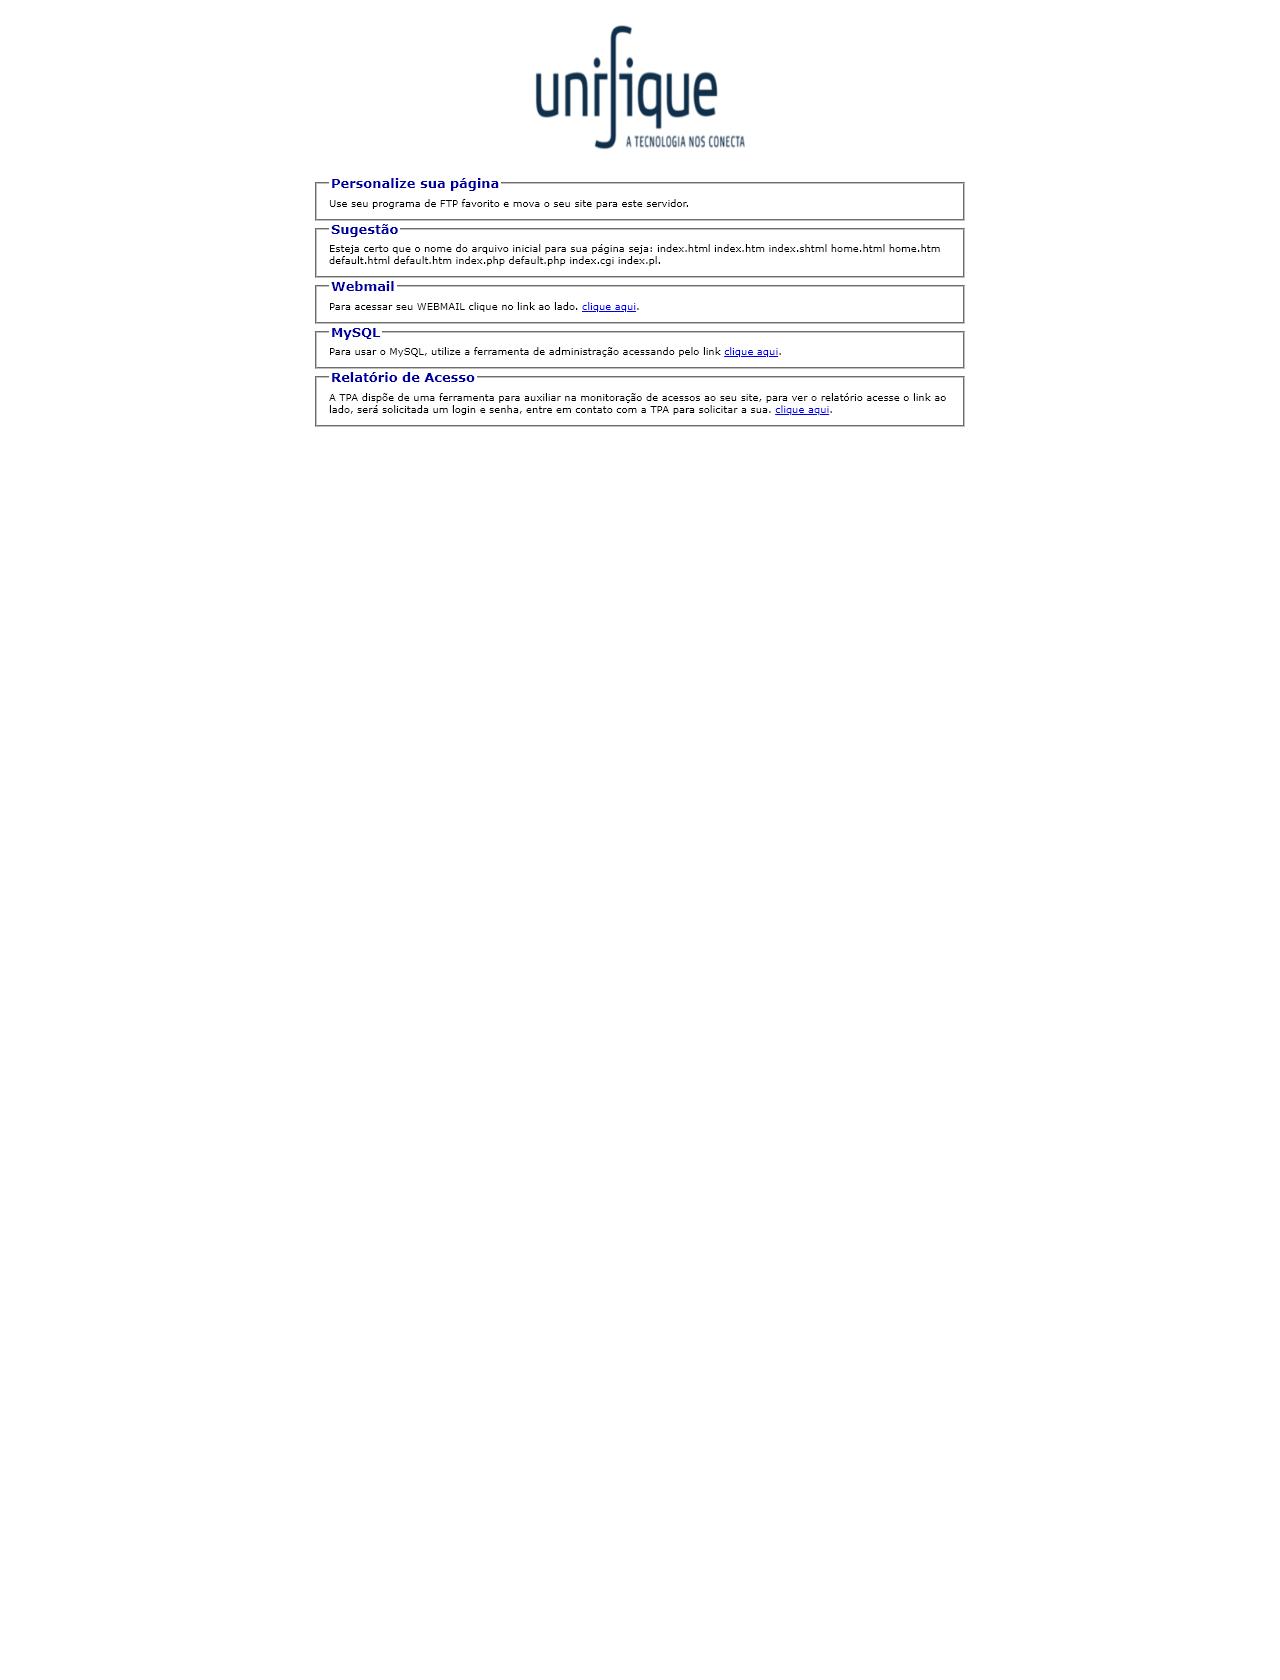 Screenshot Desktop - https://ftp03.tpa.com.br/